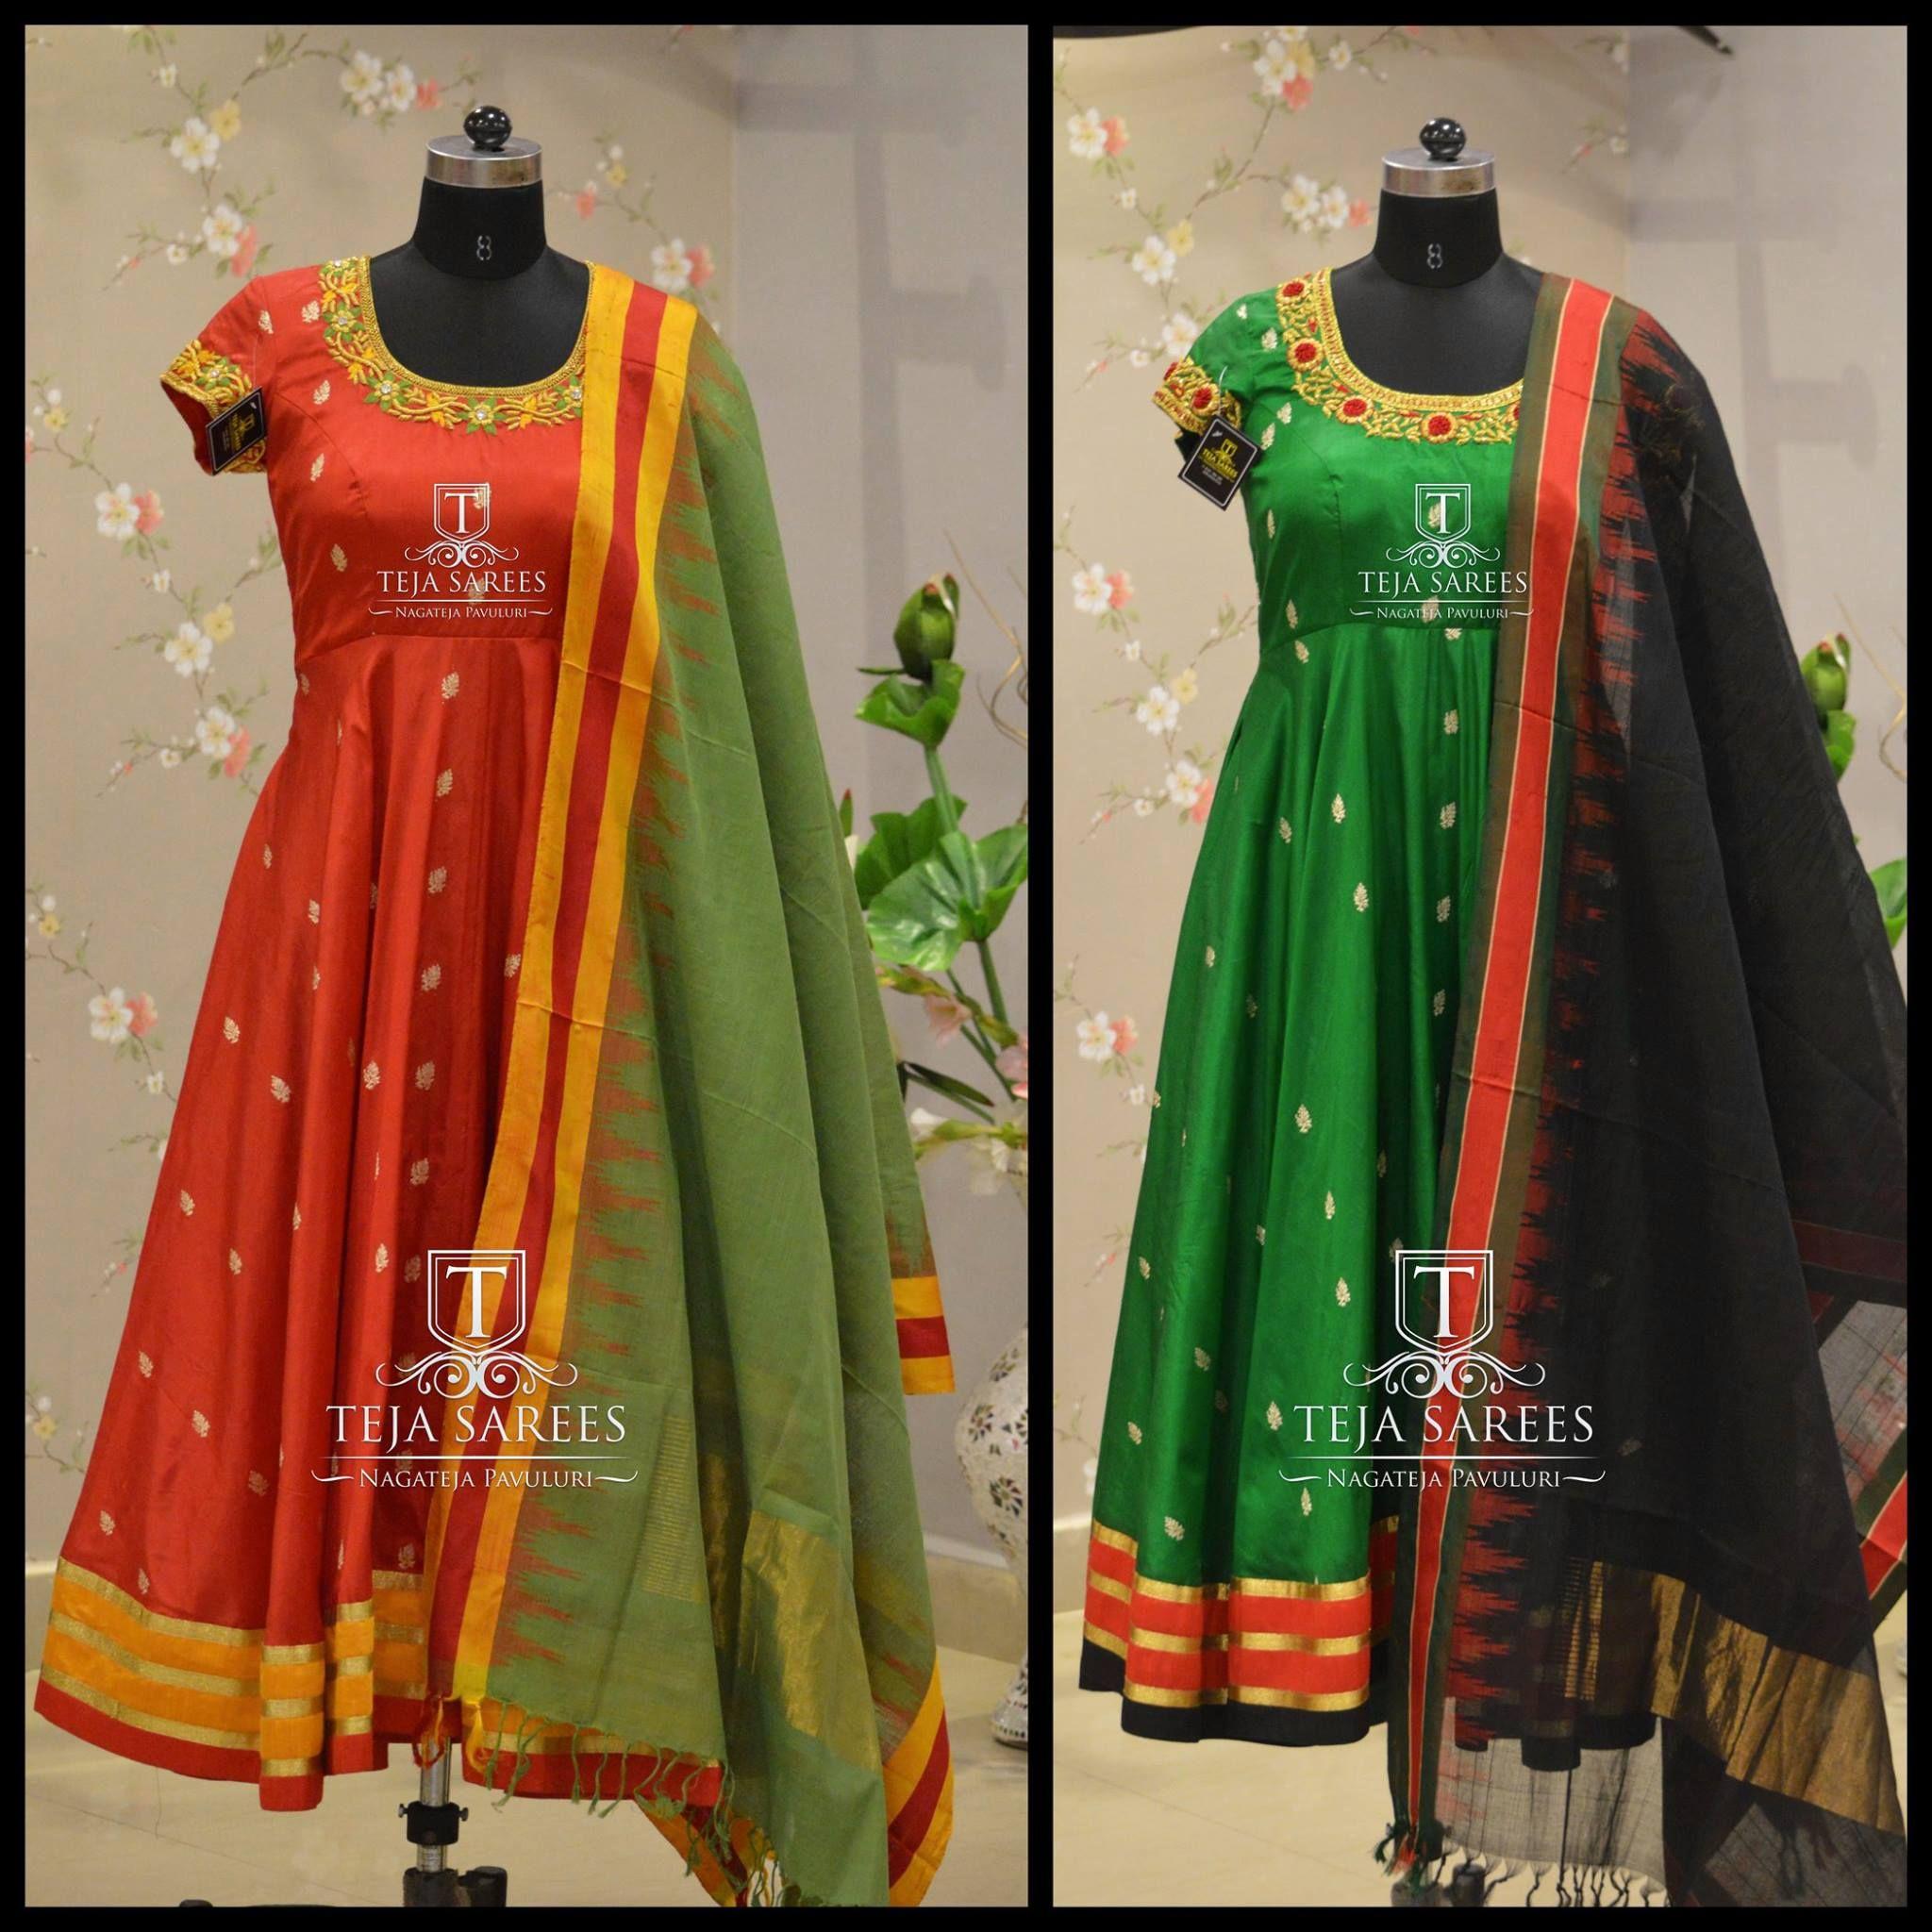 9eee6ee12aa63 ... on 8341382382 or Call us  8790382382 Mail us tejasarees yahoo.com  LikeNeverBefore Tejasarees Newdesigns icreate dresses tejaethnicstudio hyd  traditional ...